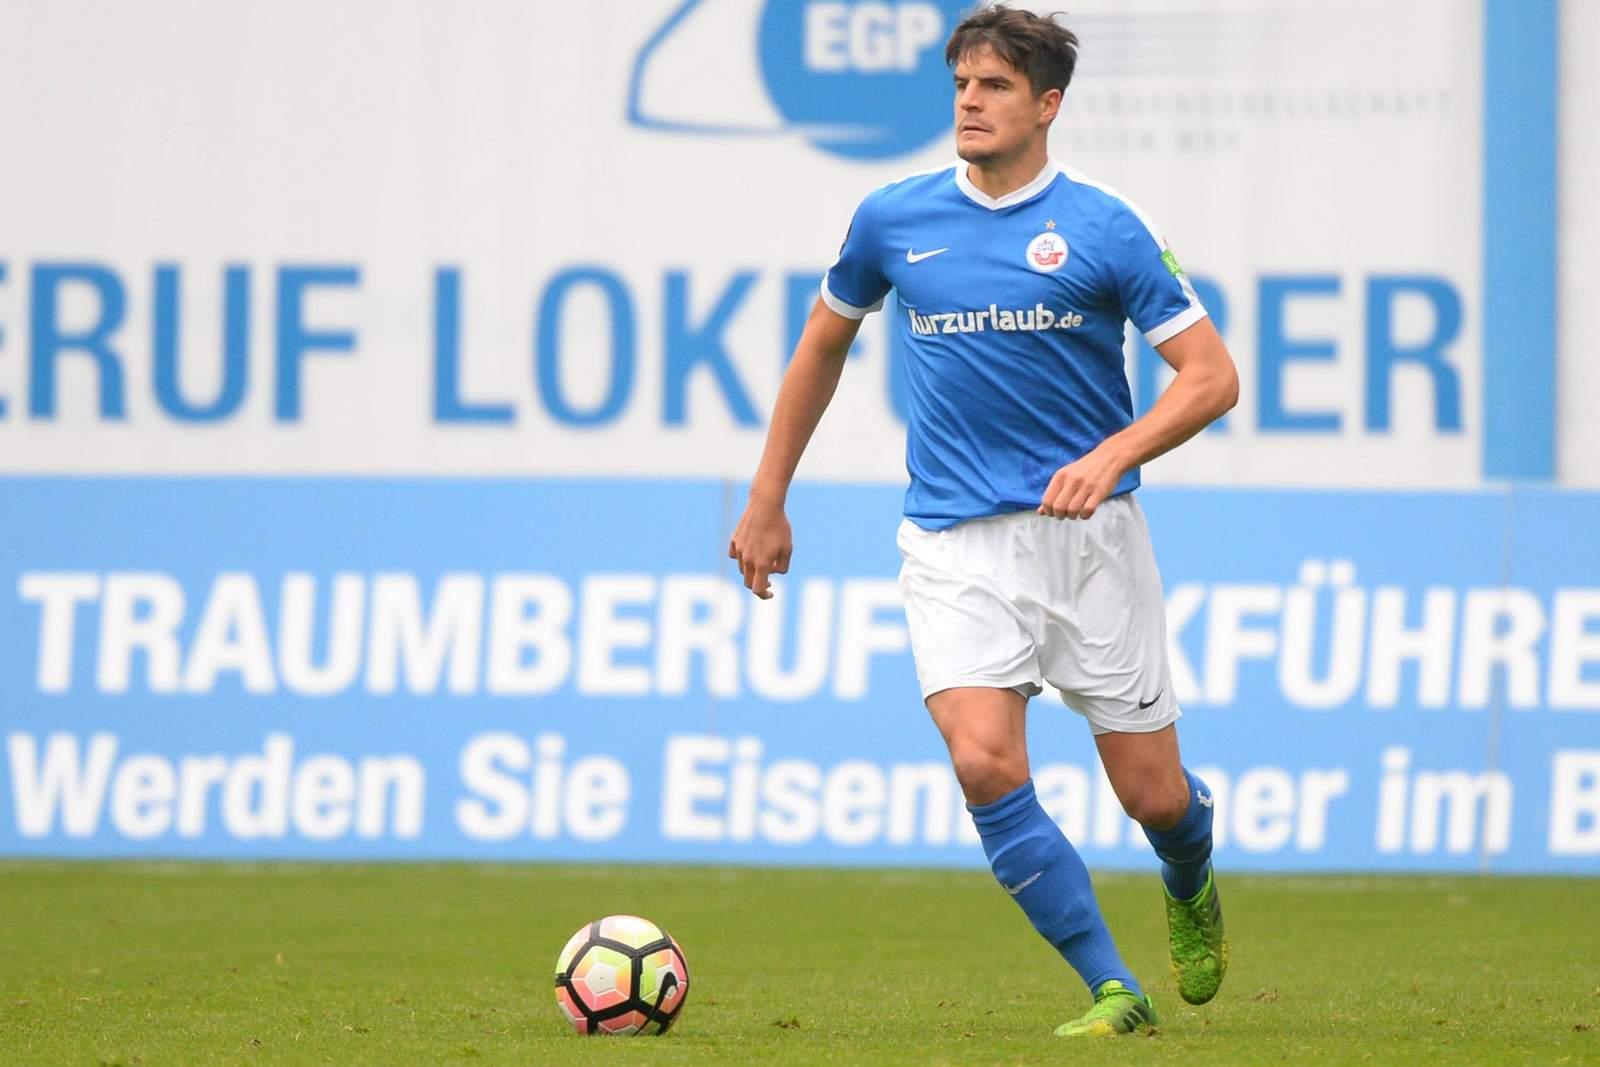 Marcus Hoffmann am Ball für Hansa Rostock. Wie läuft es für den Ex-Rostocker momentan?